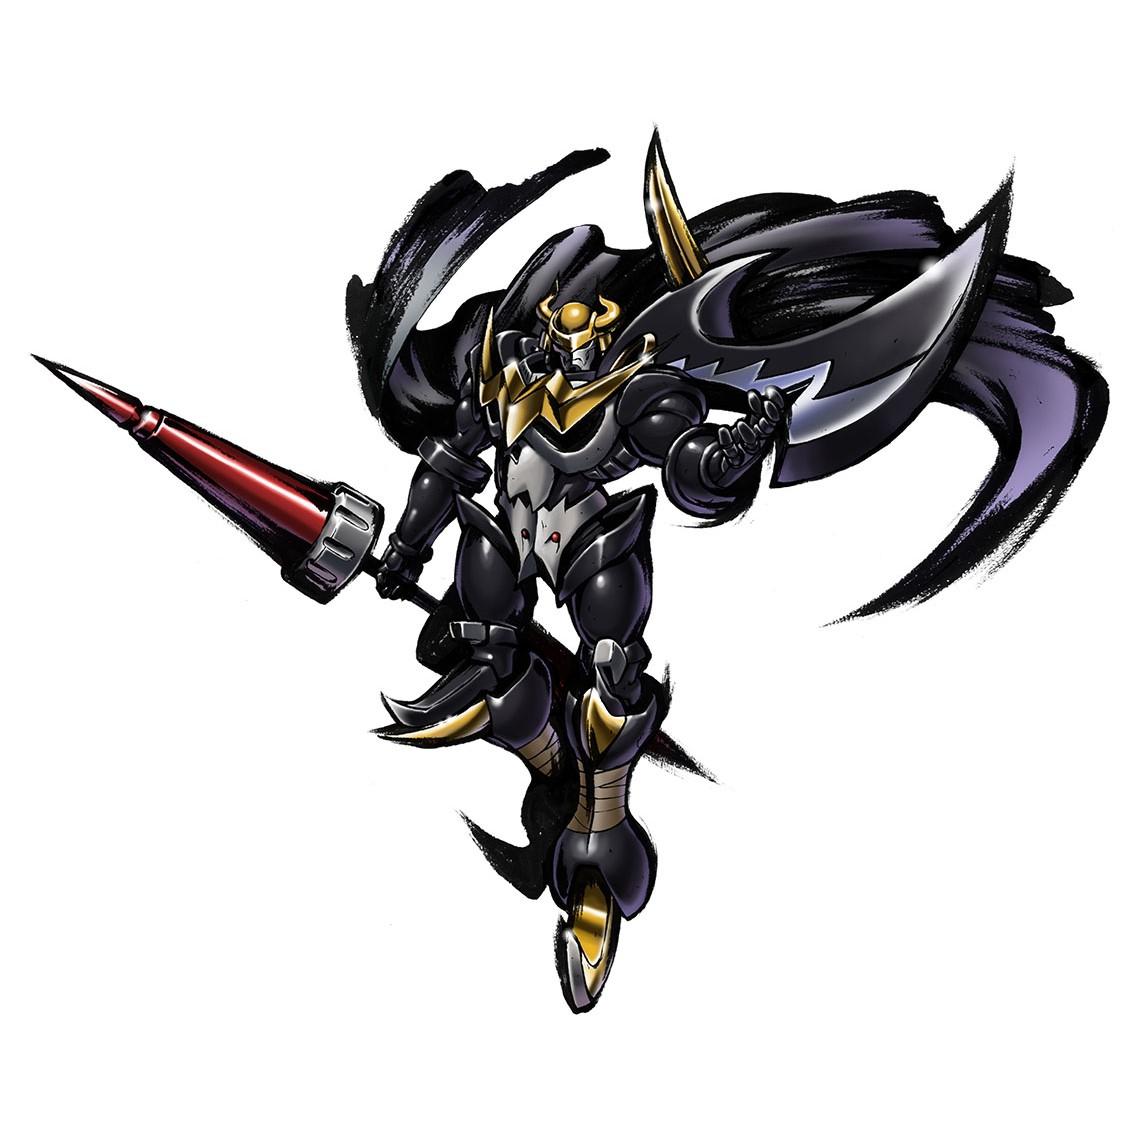 DarkKnightmon